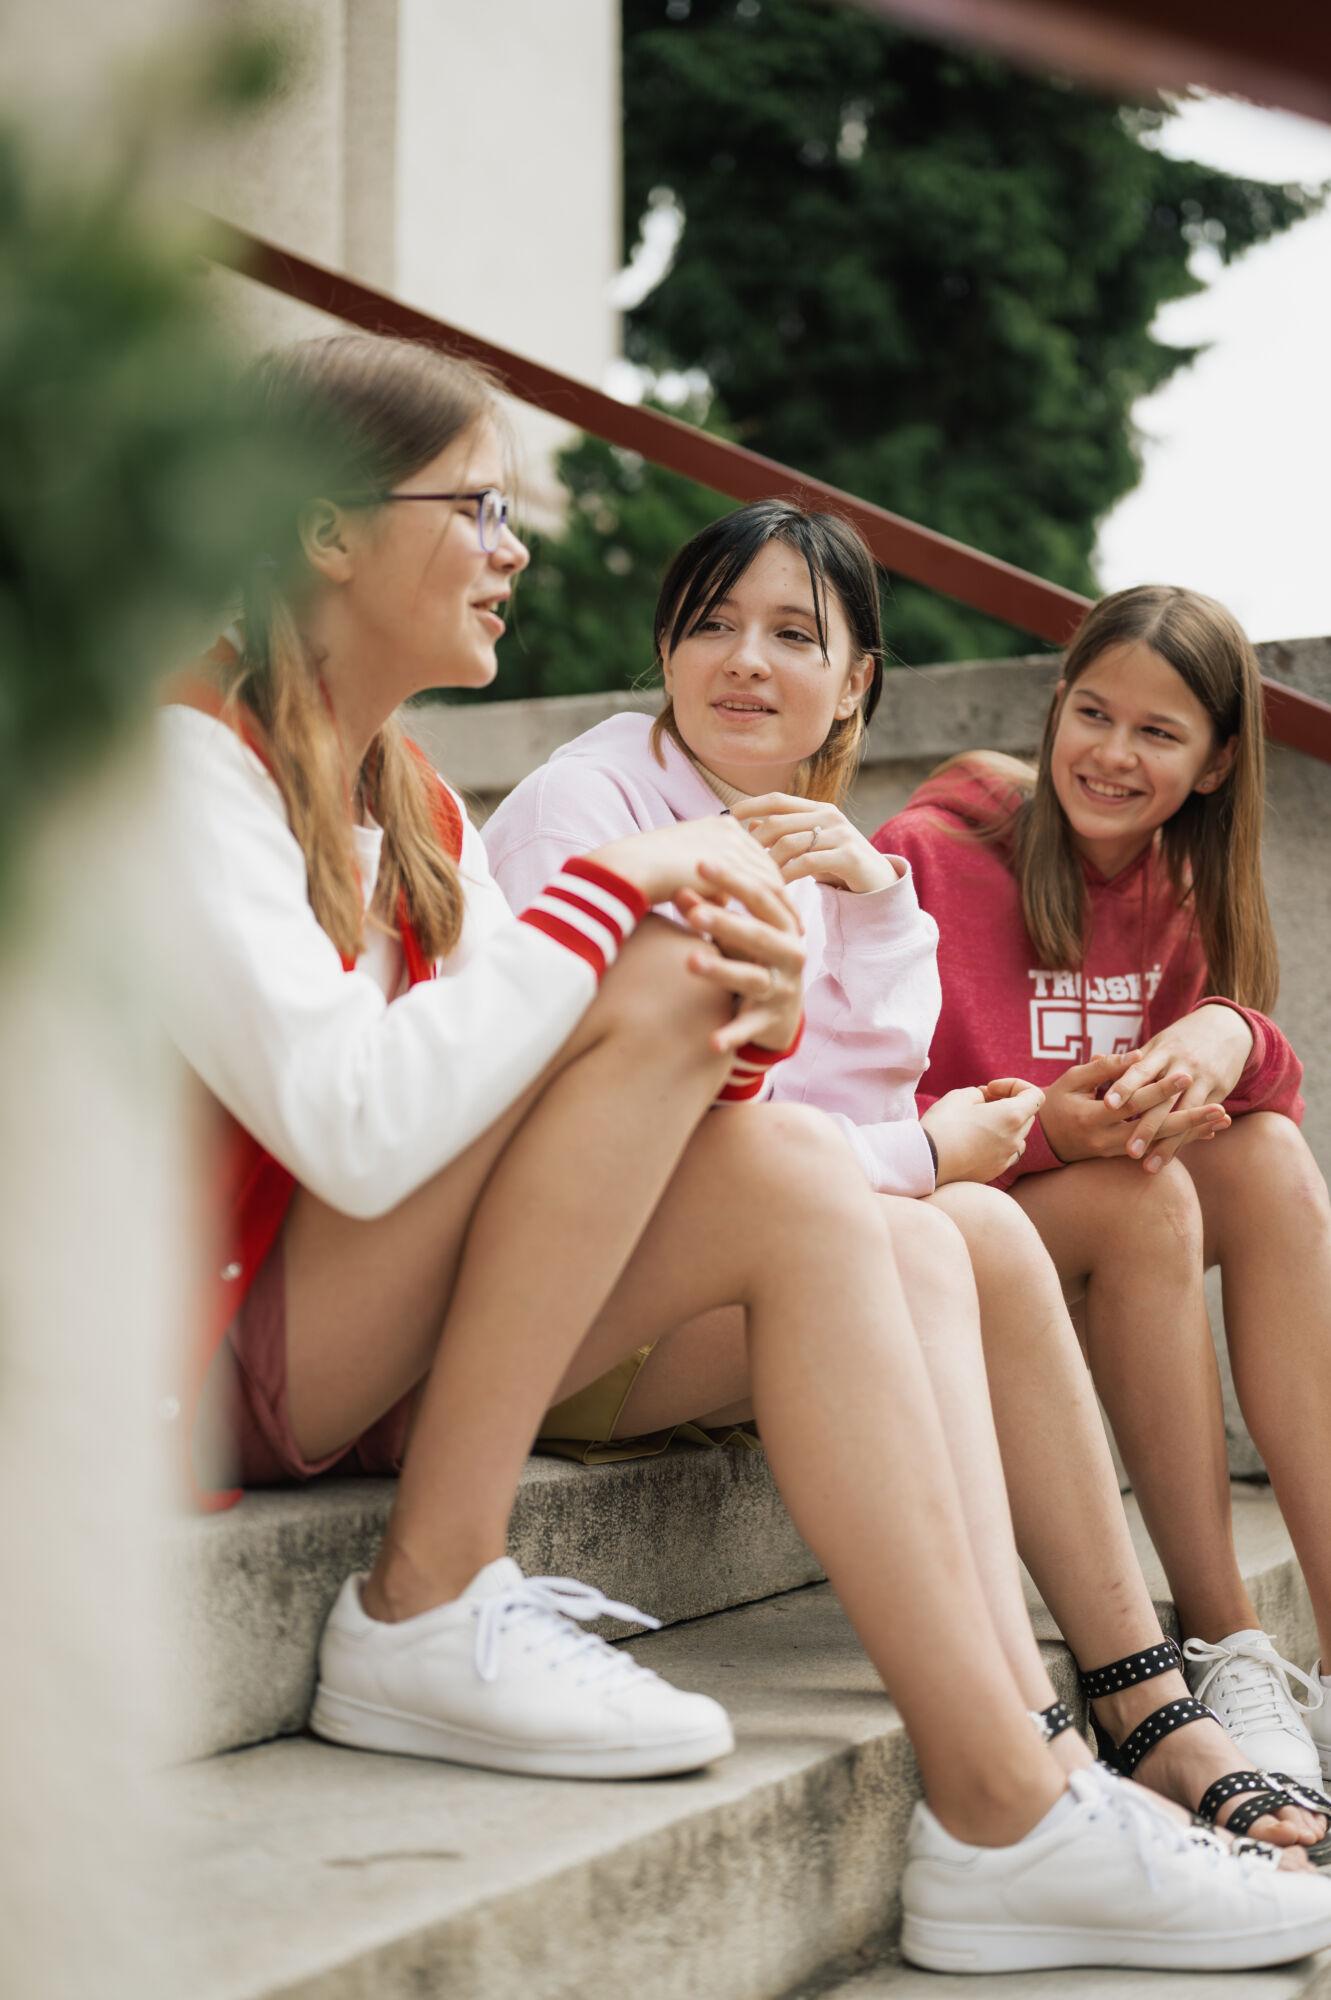 studenti TG sedící naschodech před hlavním vstupem dobudovy školy, komunikace, smích, zábava